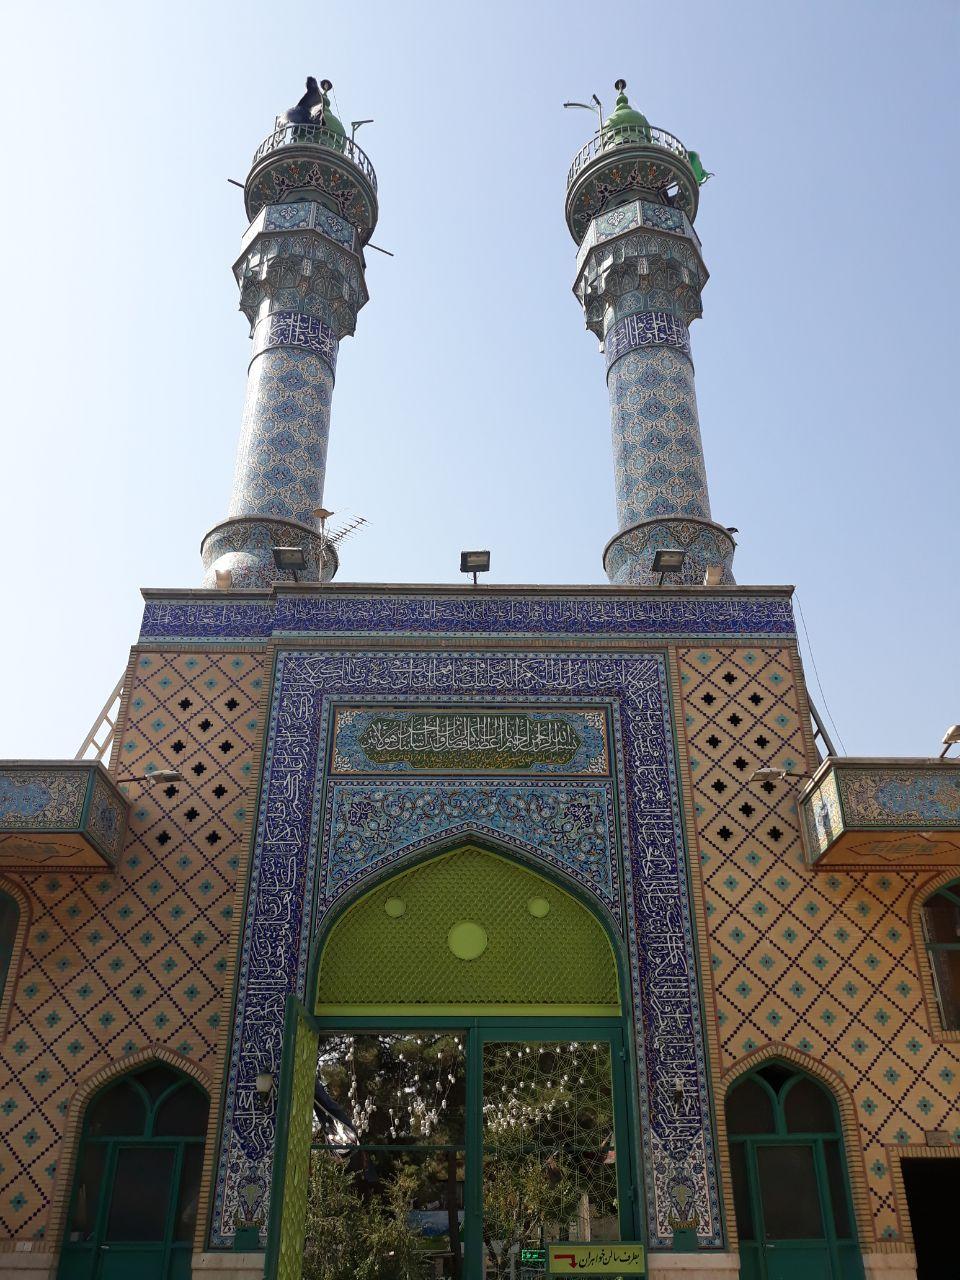 برنامه های مسجد النبی (ص)در سال ۱۳۹۸ اعلام شد